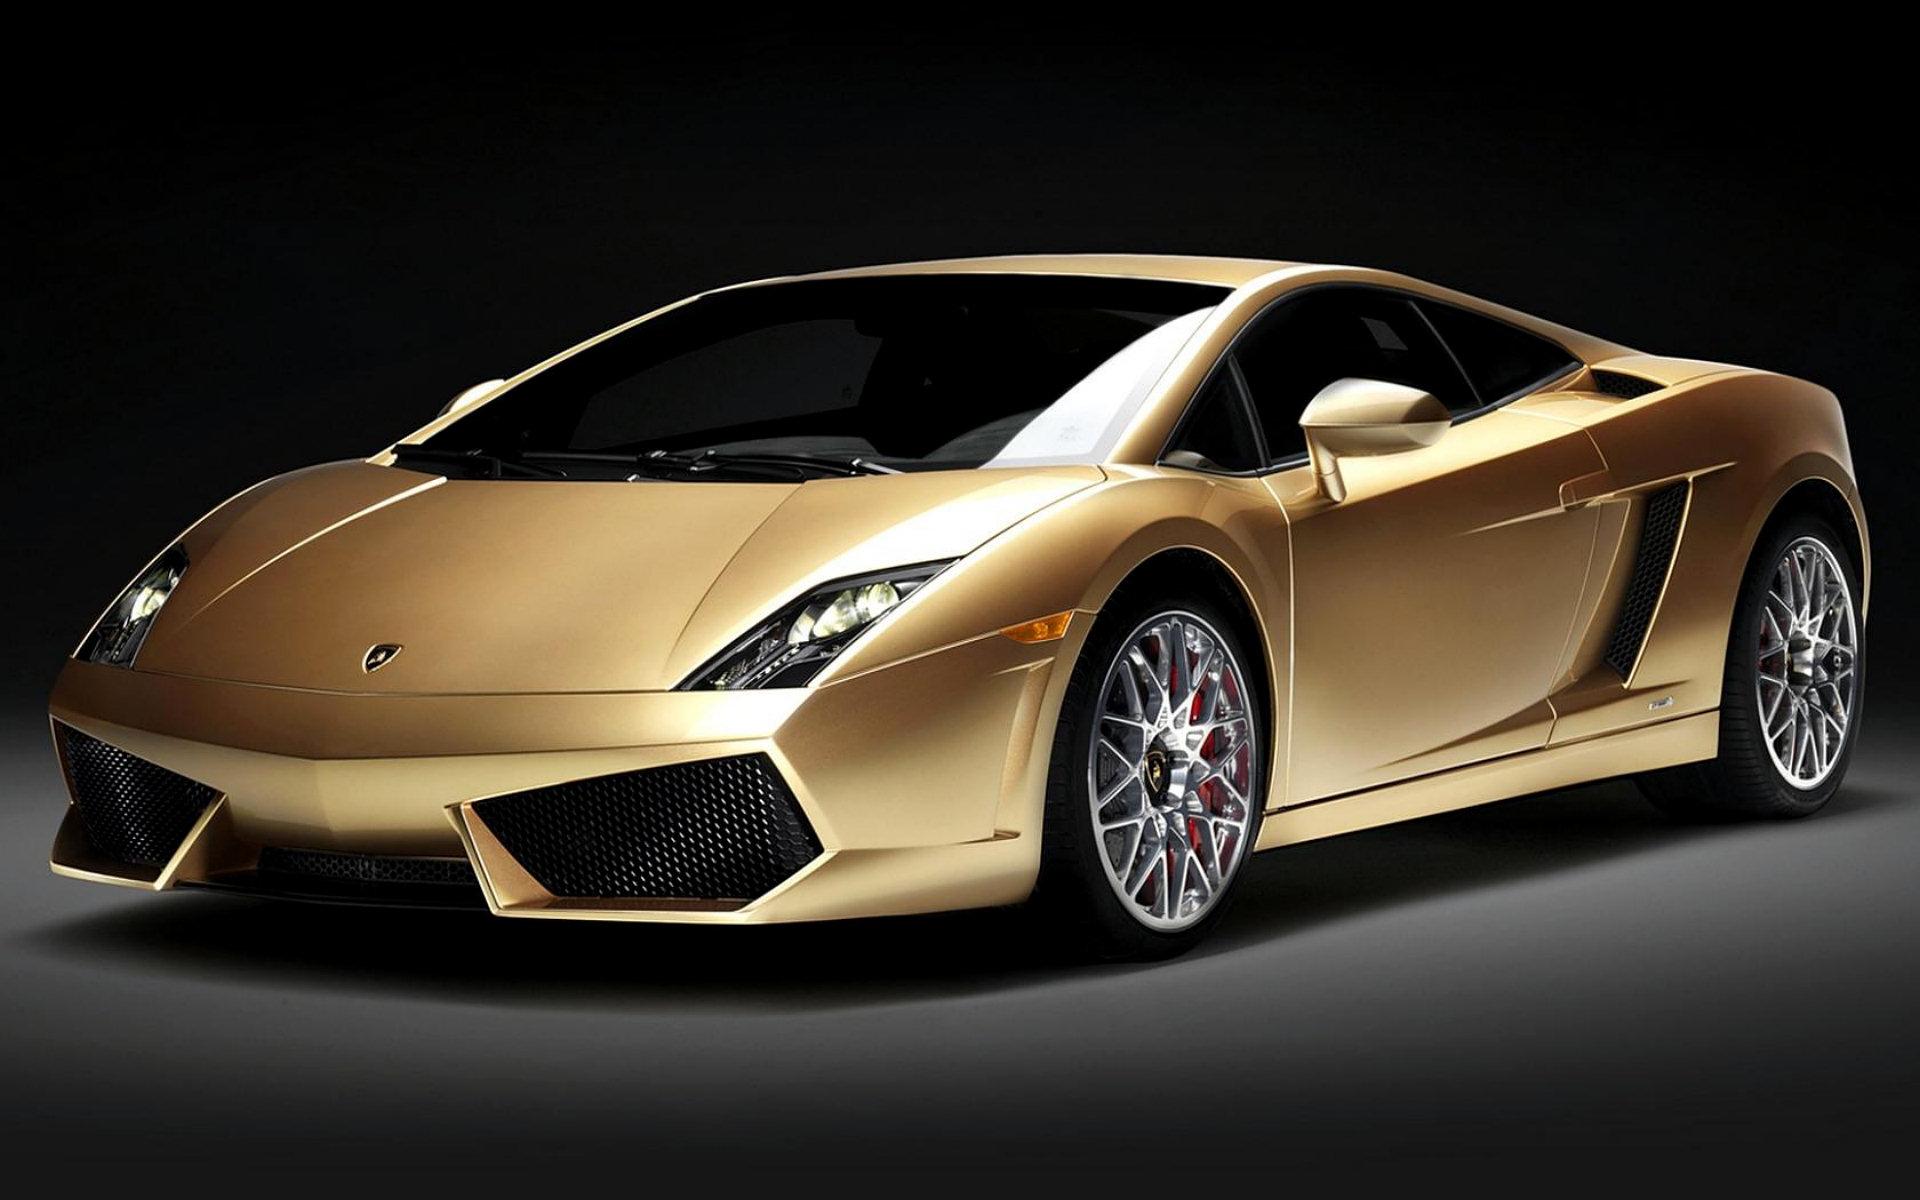 3d Wallpapers Lamborghini Wallpapers: Lamborghini Gallardo HD Wallpaper